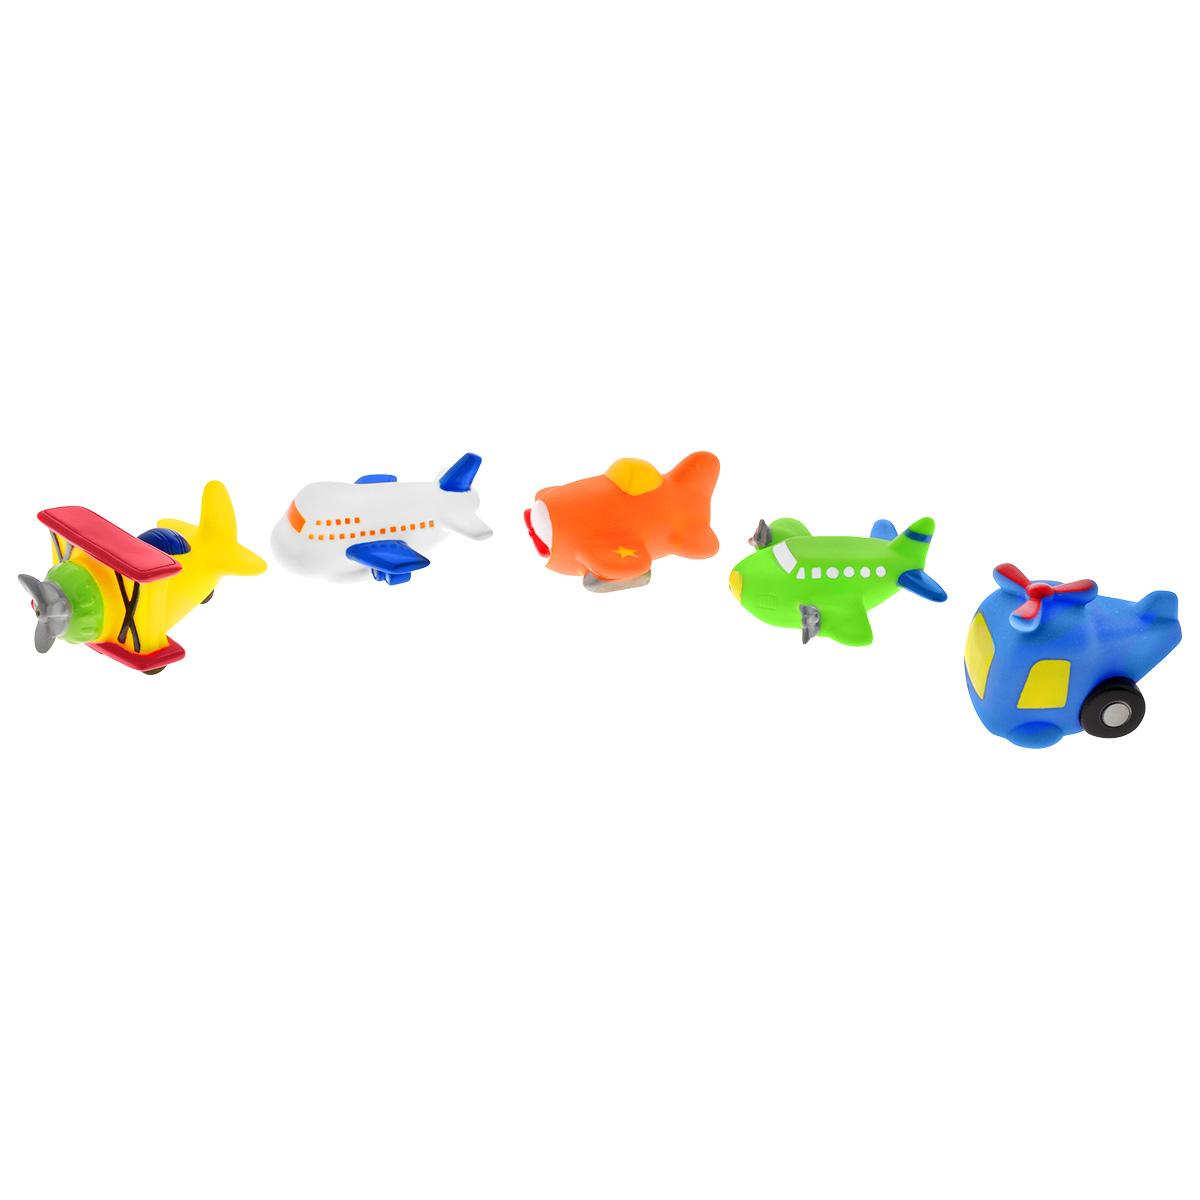 Игровой набор для ванны Mioshi Воздушное путешествие, 5 шт игрушки для ванны tolo toys набор ведерок квадратные